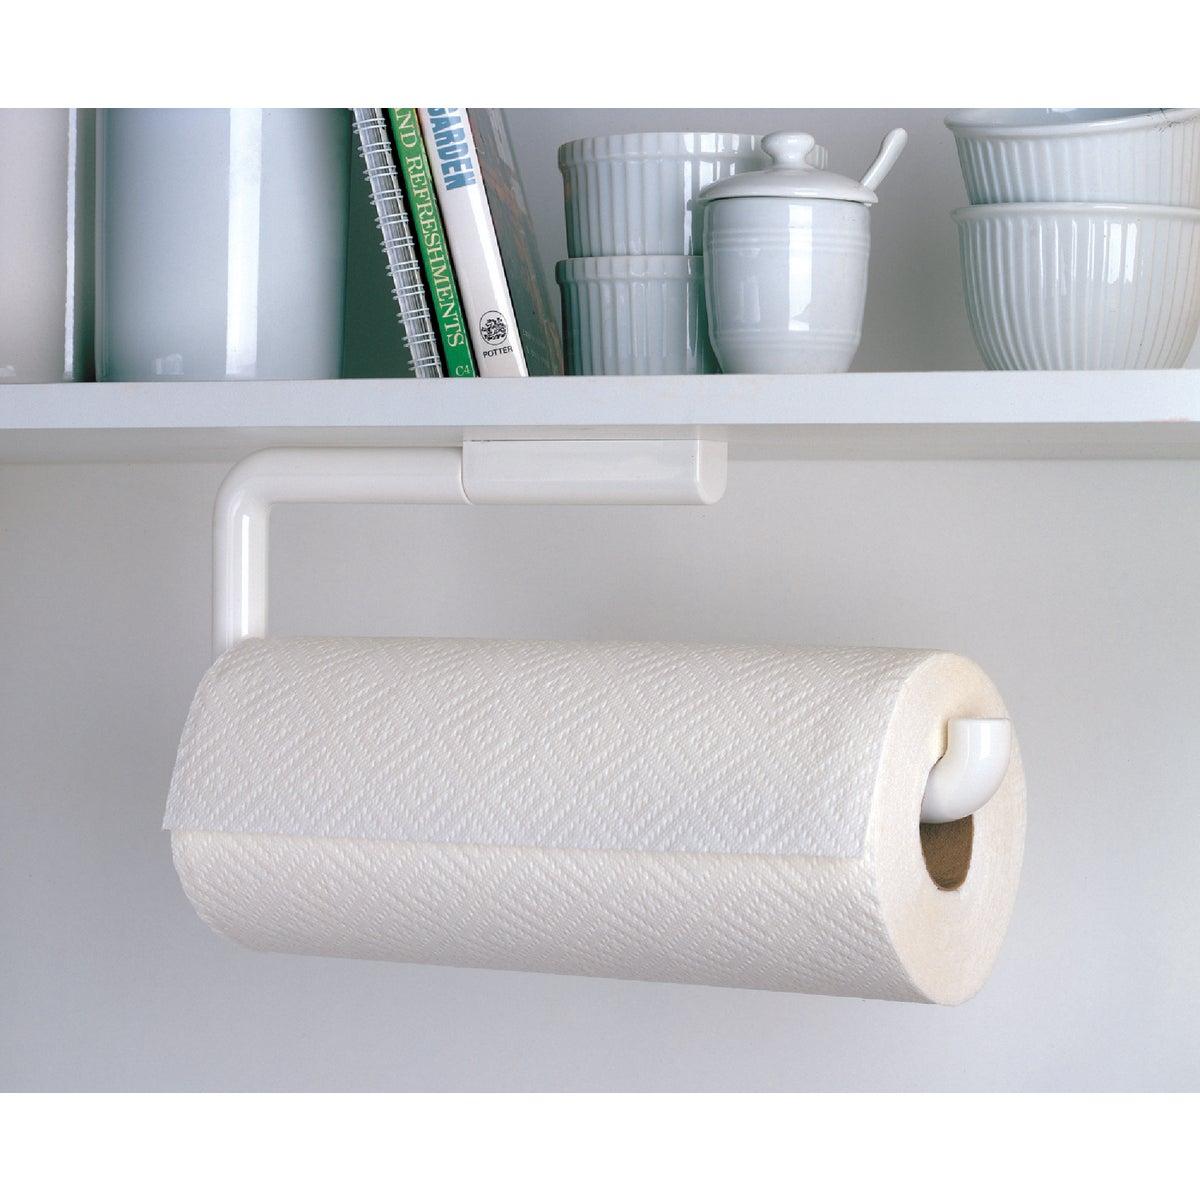 WH WL PAPER TOWEL HOLDER